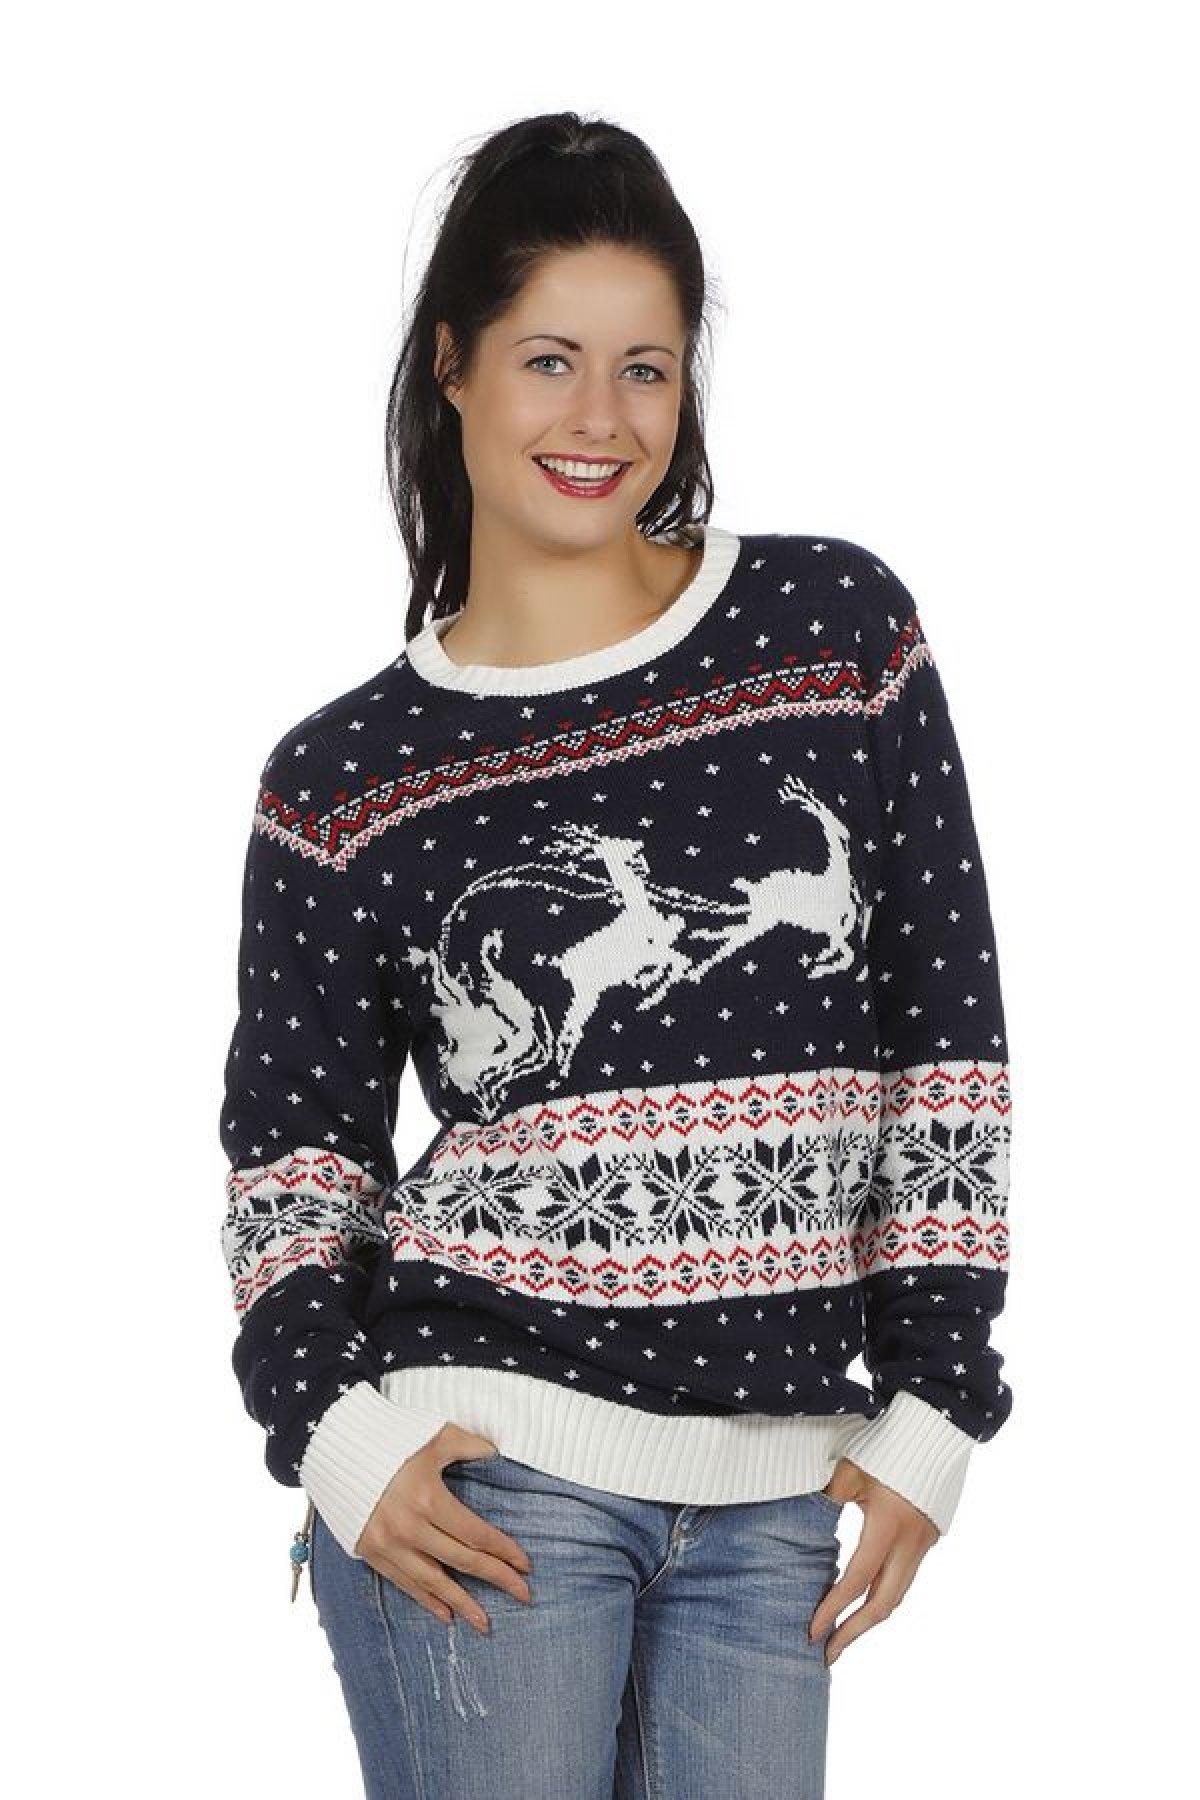 9d5f7cbf Kjøp Julegenser, blå kostyme Online - Nå kun 349 - Temashop.no